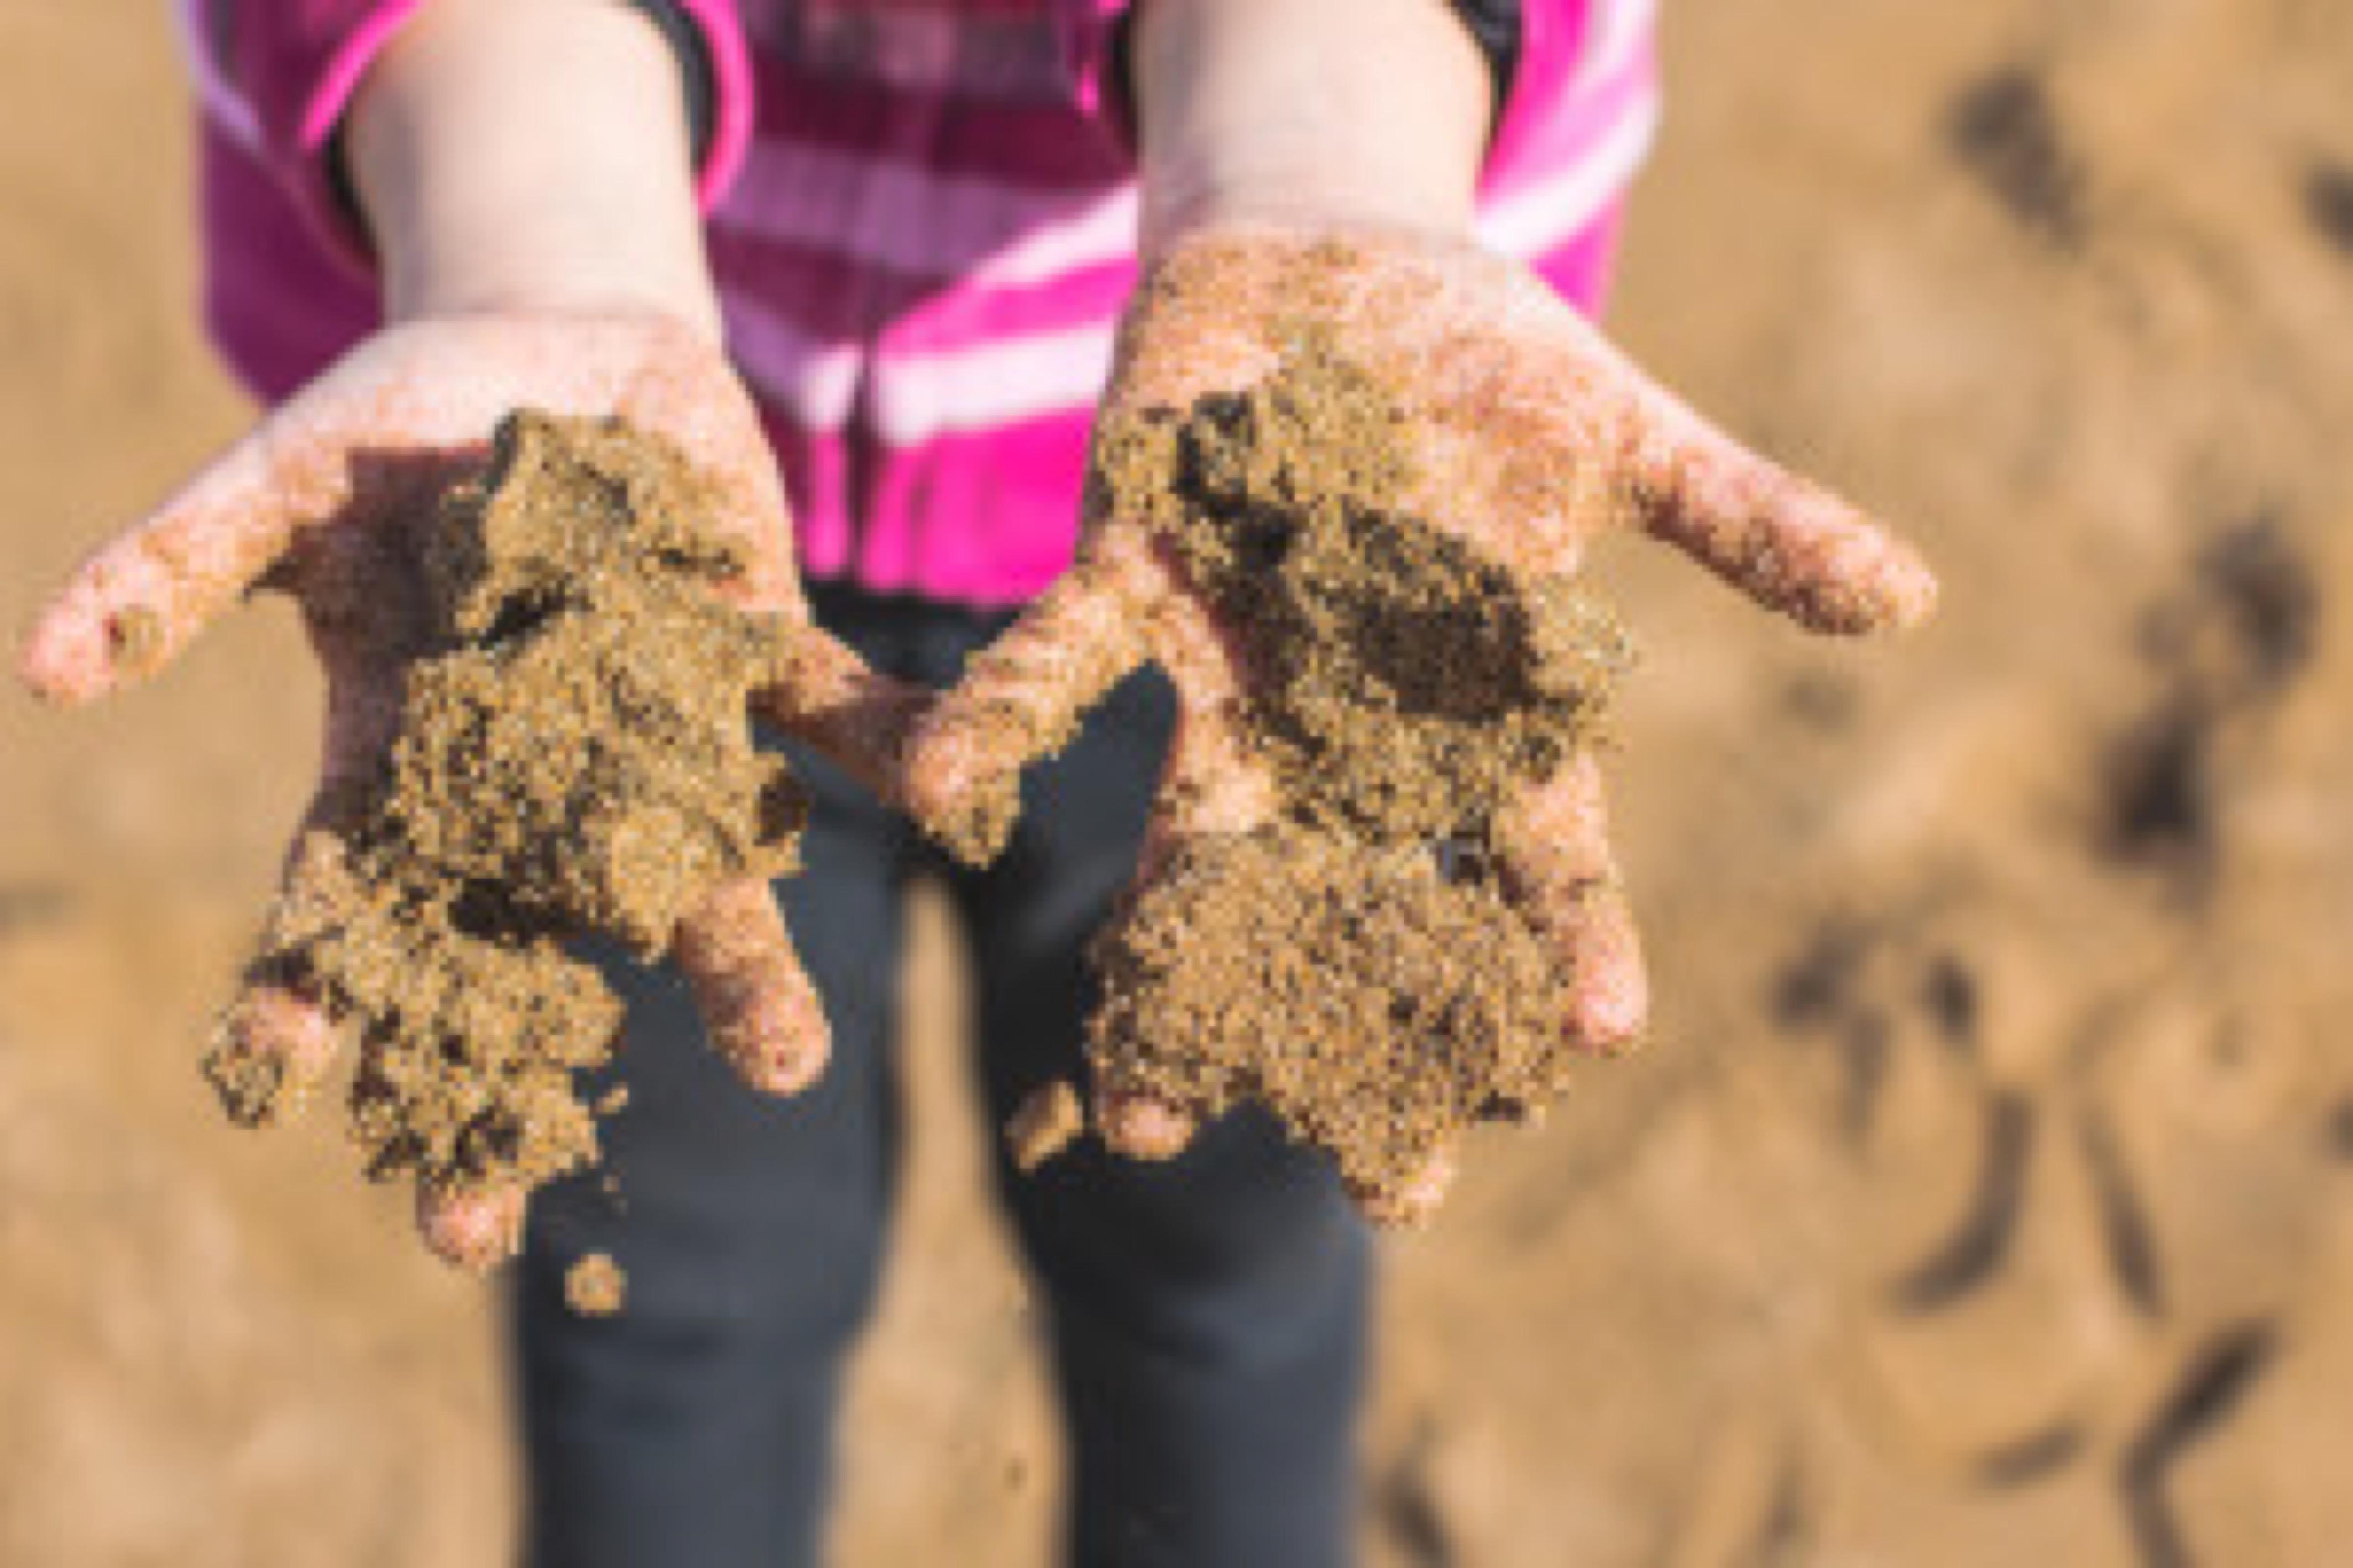 Hands of child full of wet sand